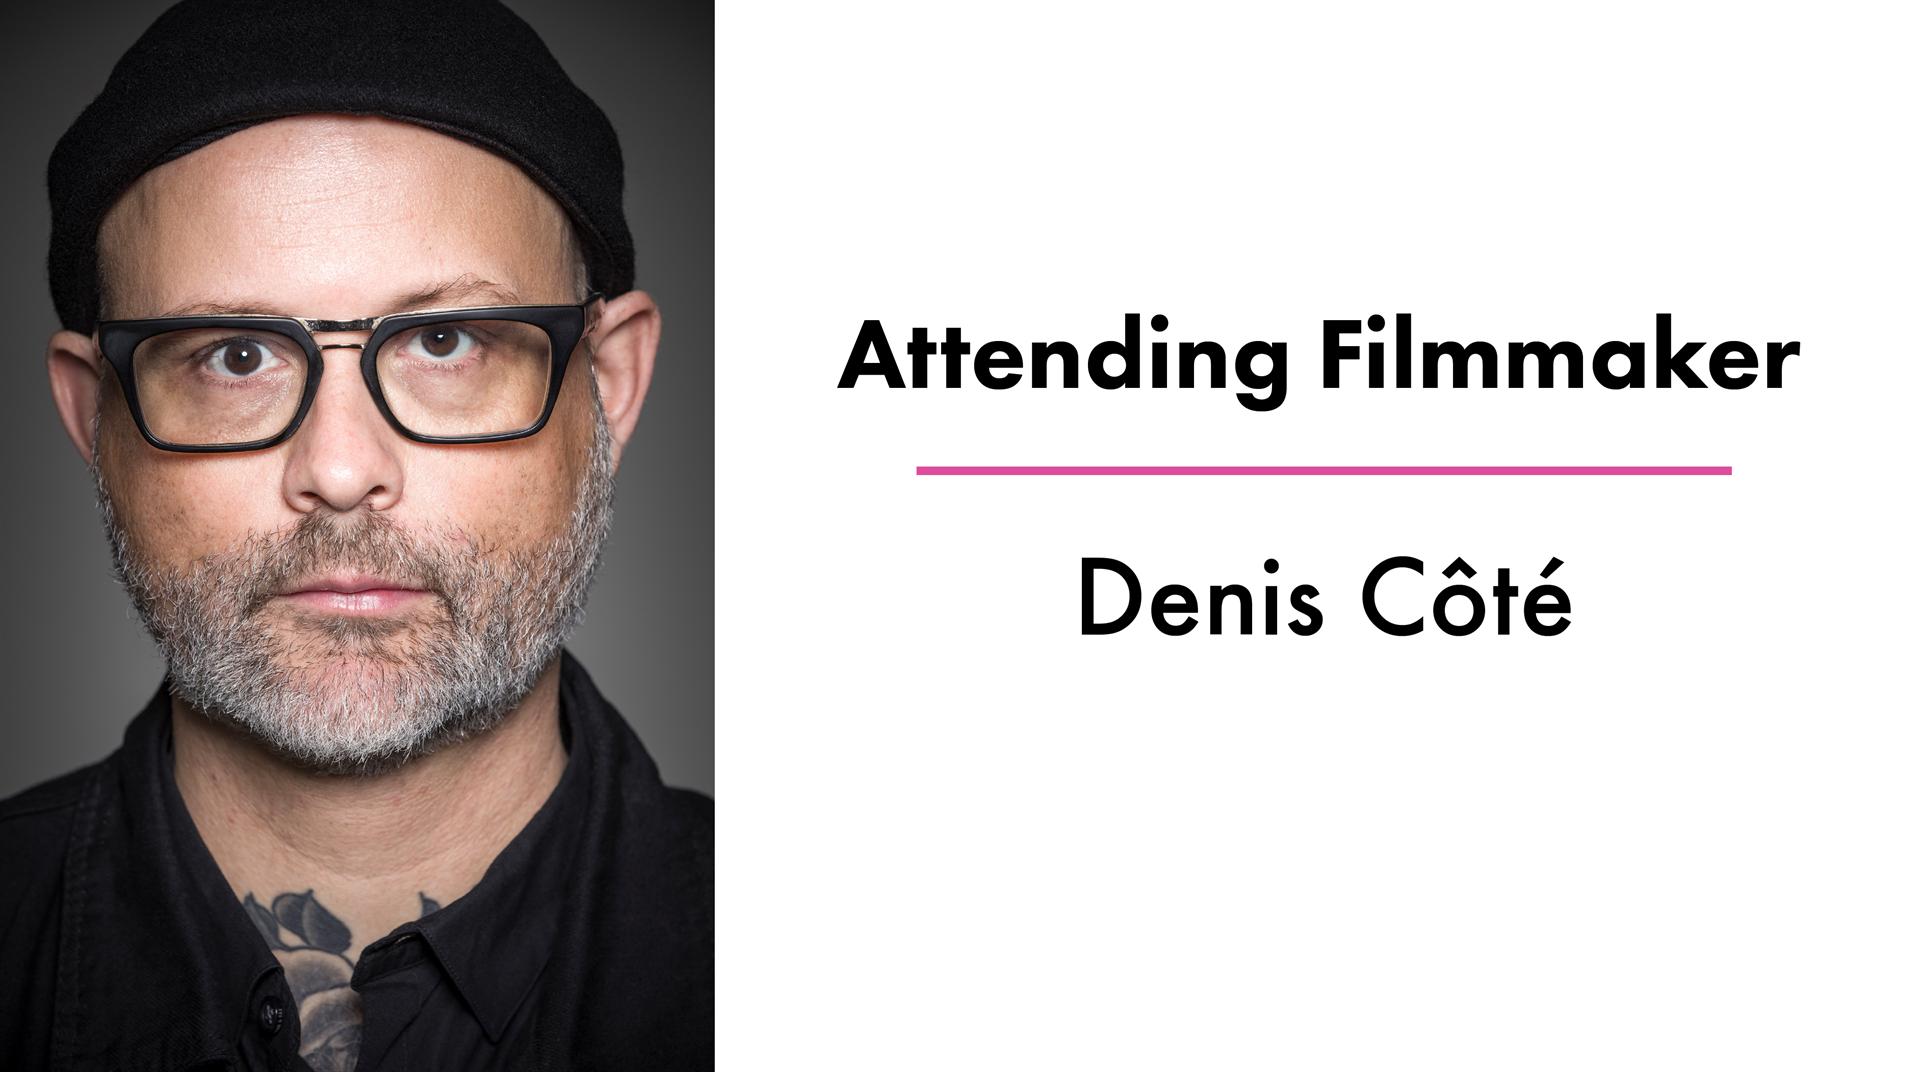 Attending Filmmaker denis cote.png